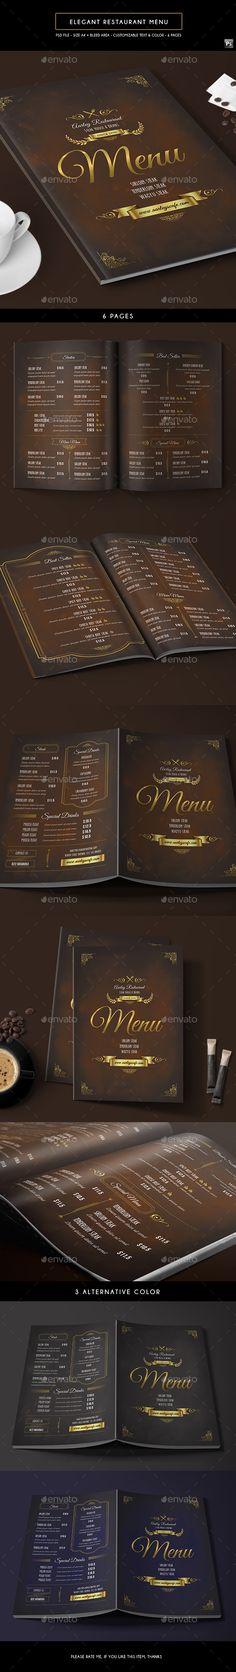 Michelin Stars Restaurant Menu Pinterest Menu templates, Food